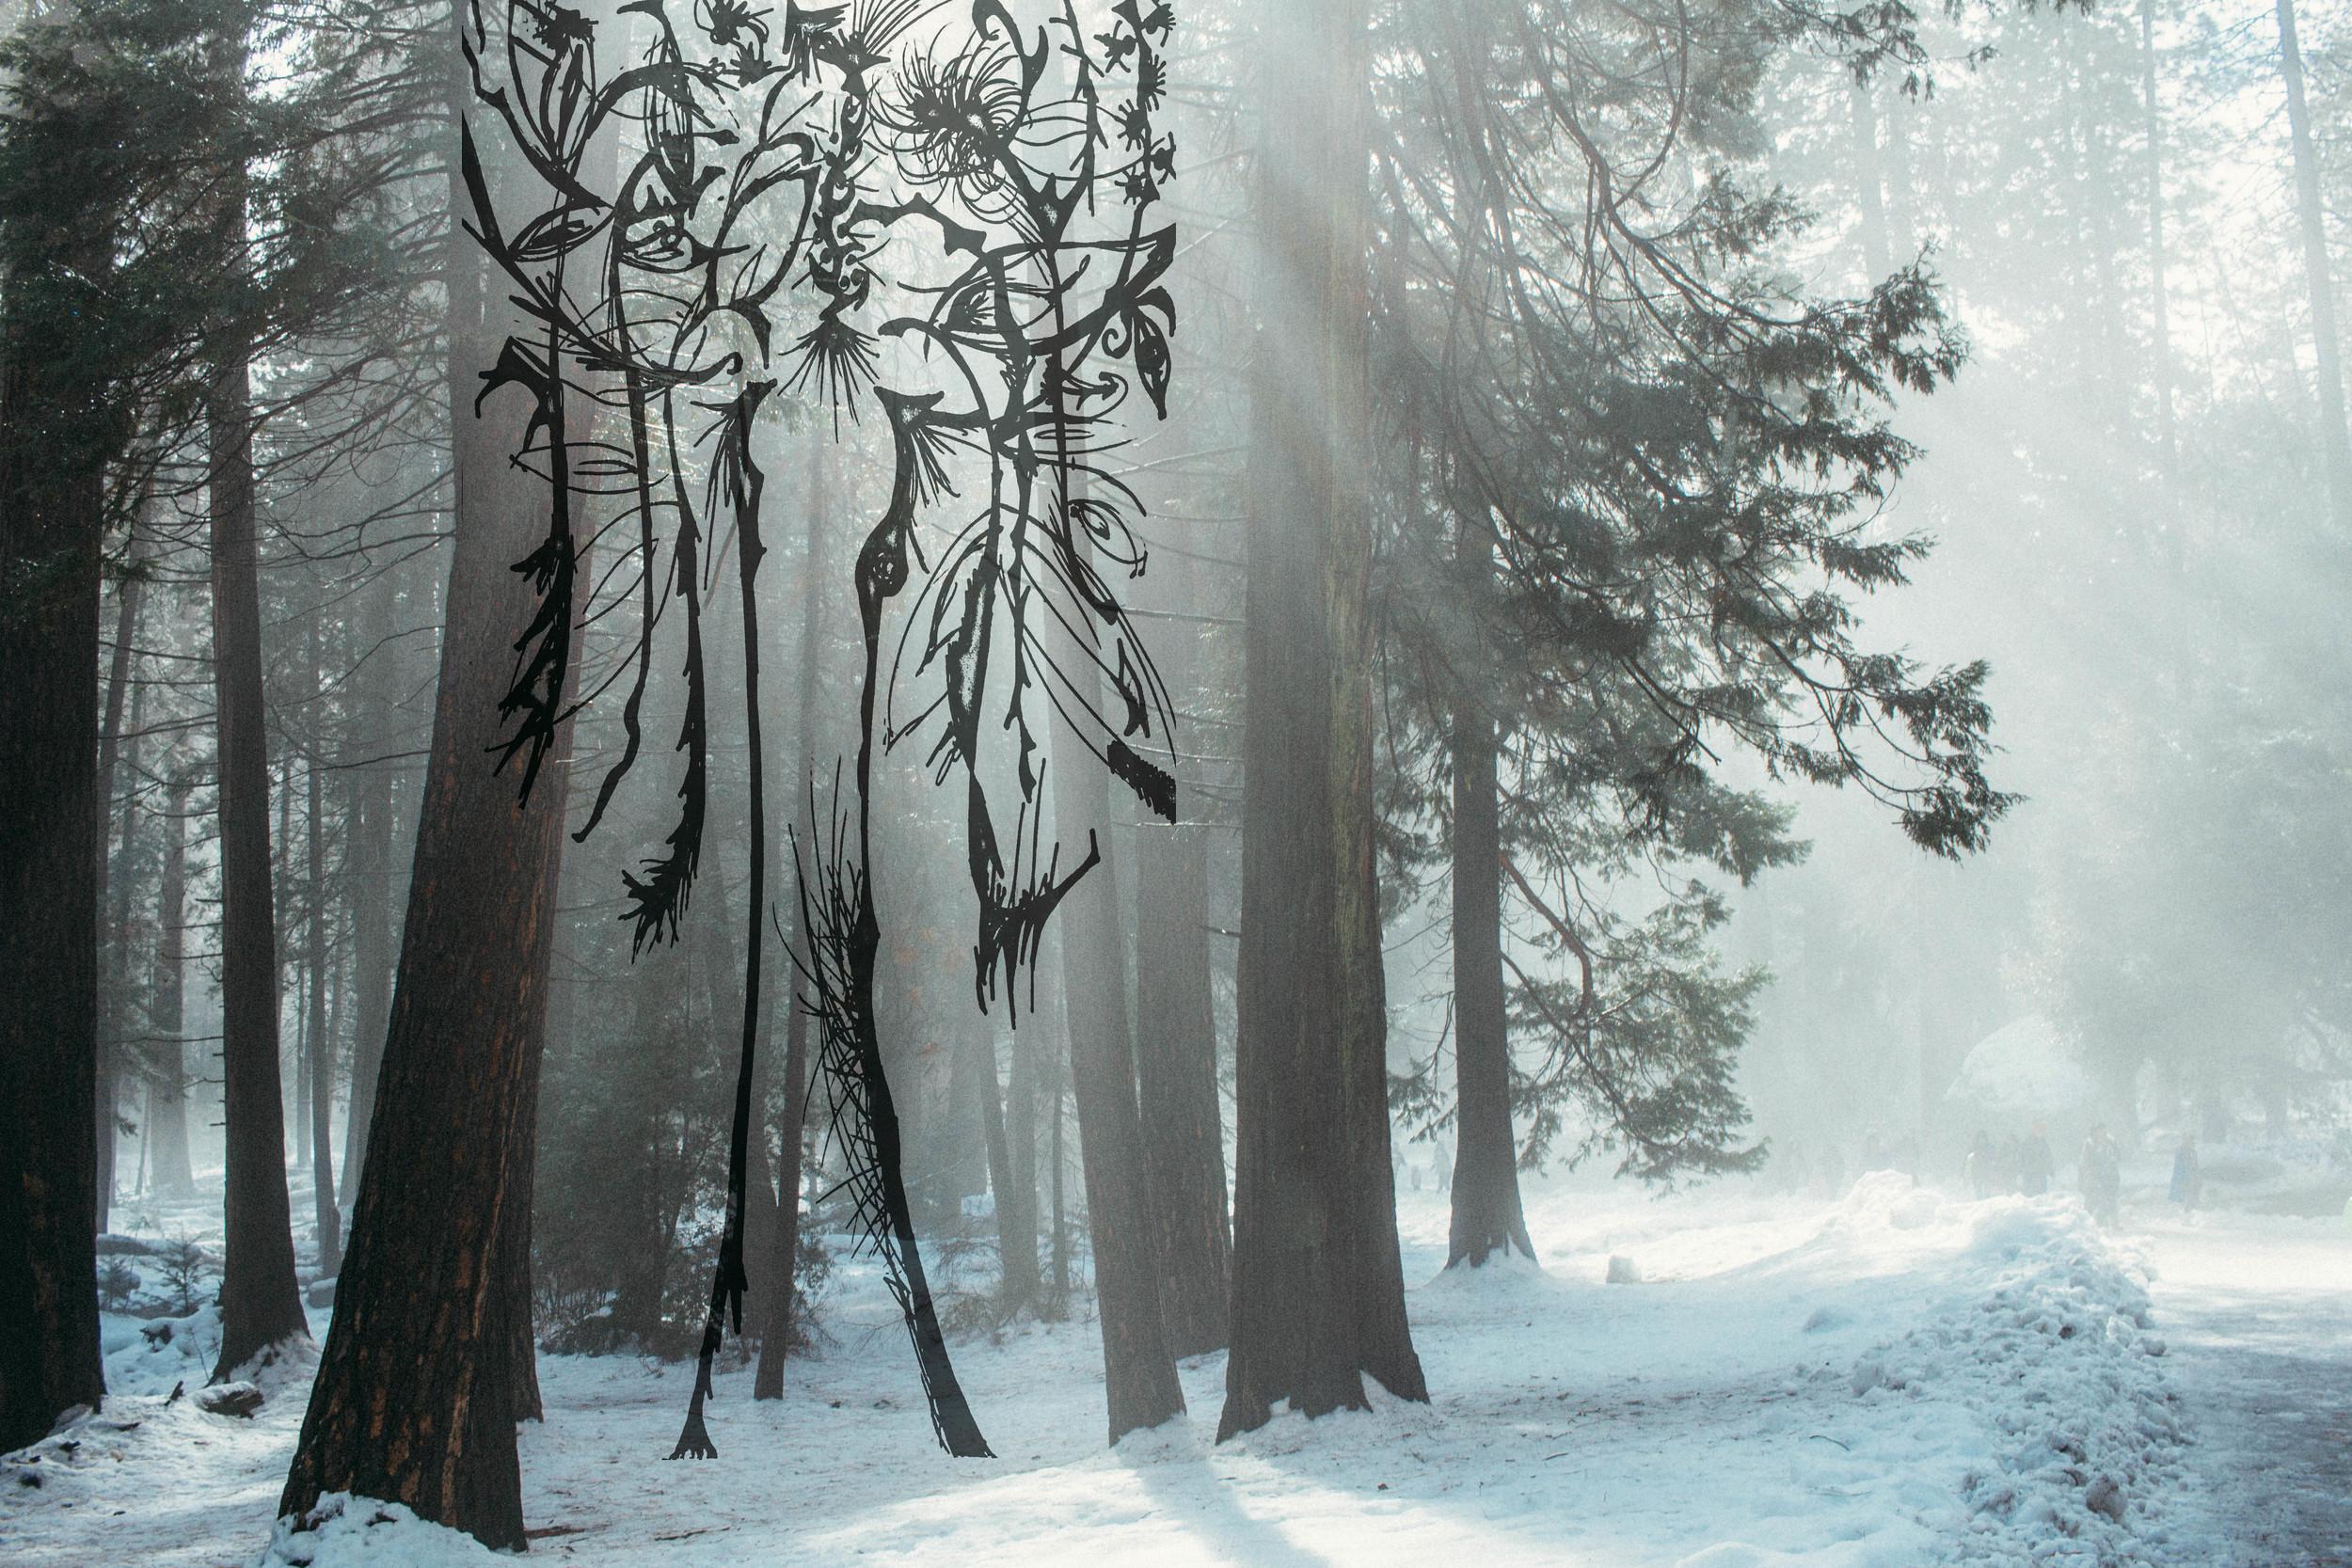 Tree_Yosemite4.jpg